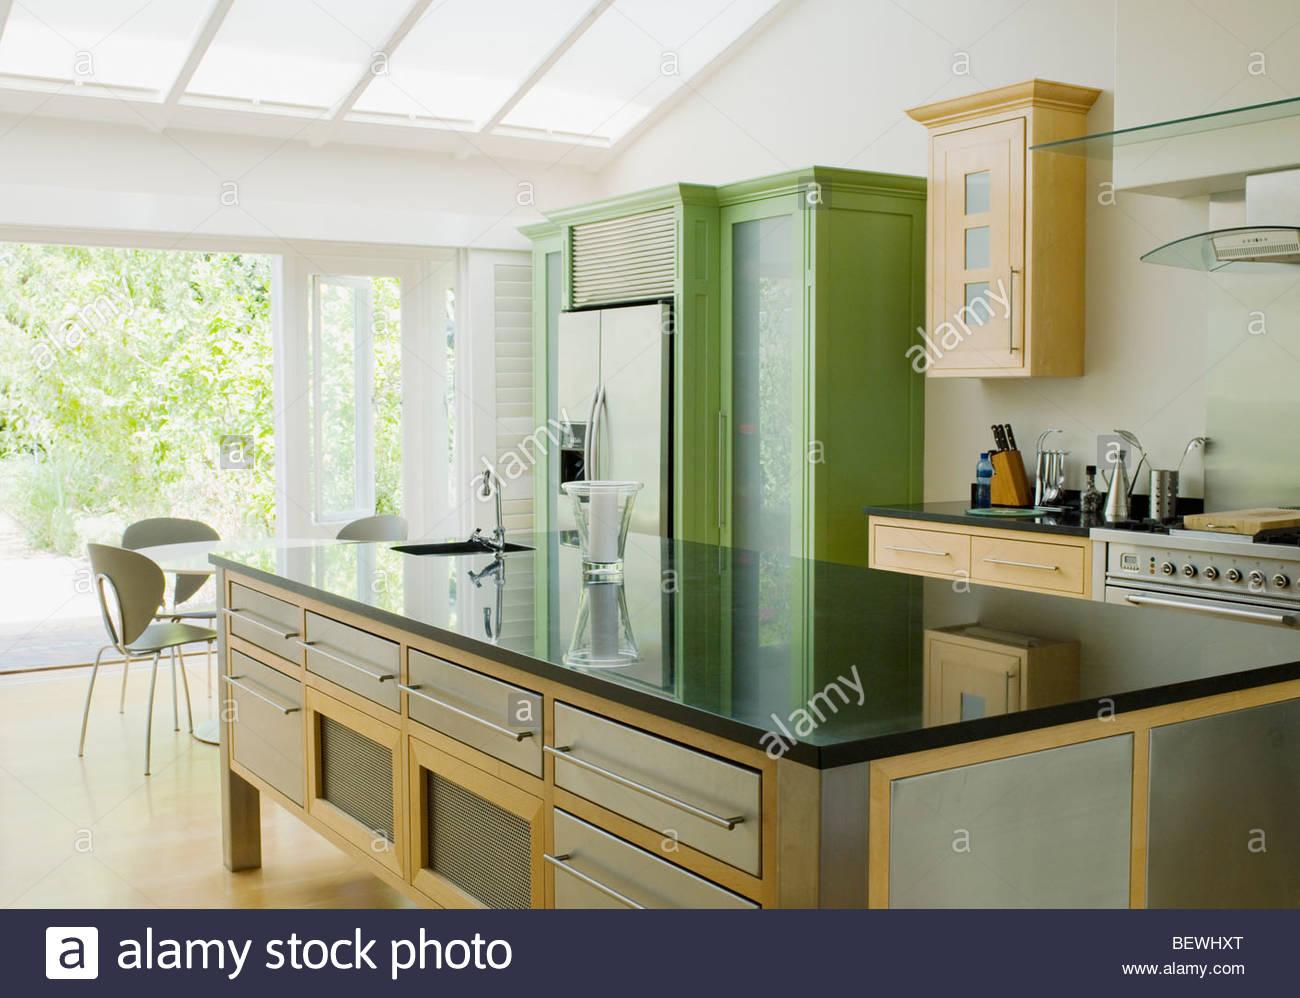 Modern Kitchen Island Imágenes De Stock   Modern Kitchen Island ... c8be75539bc7